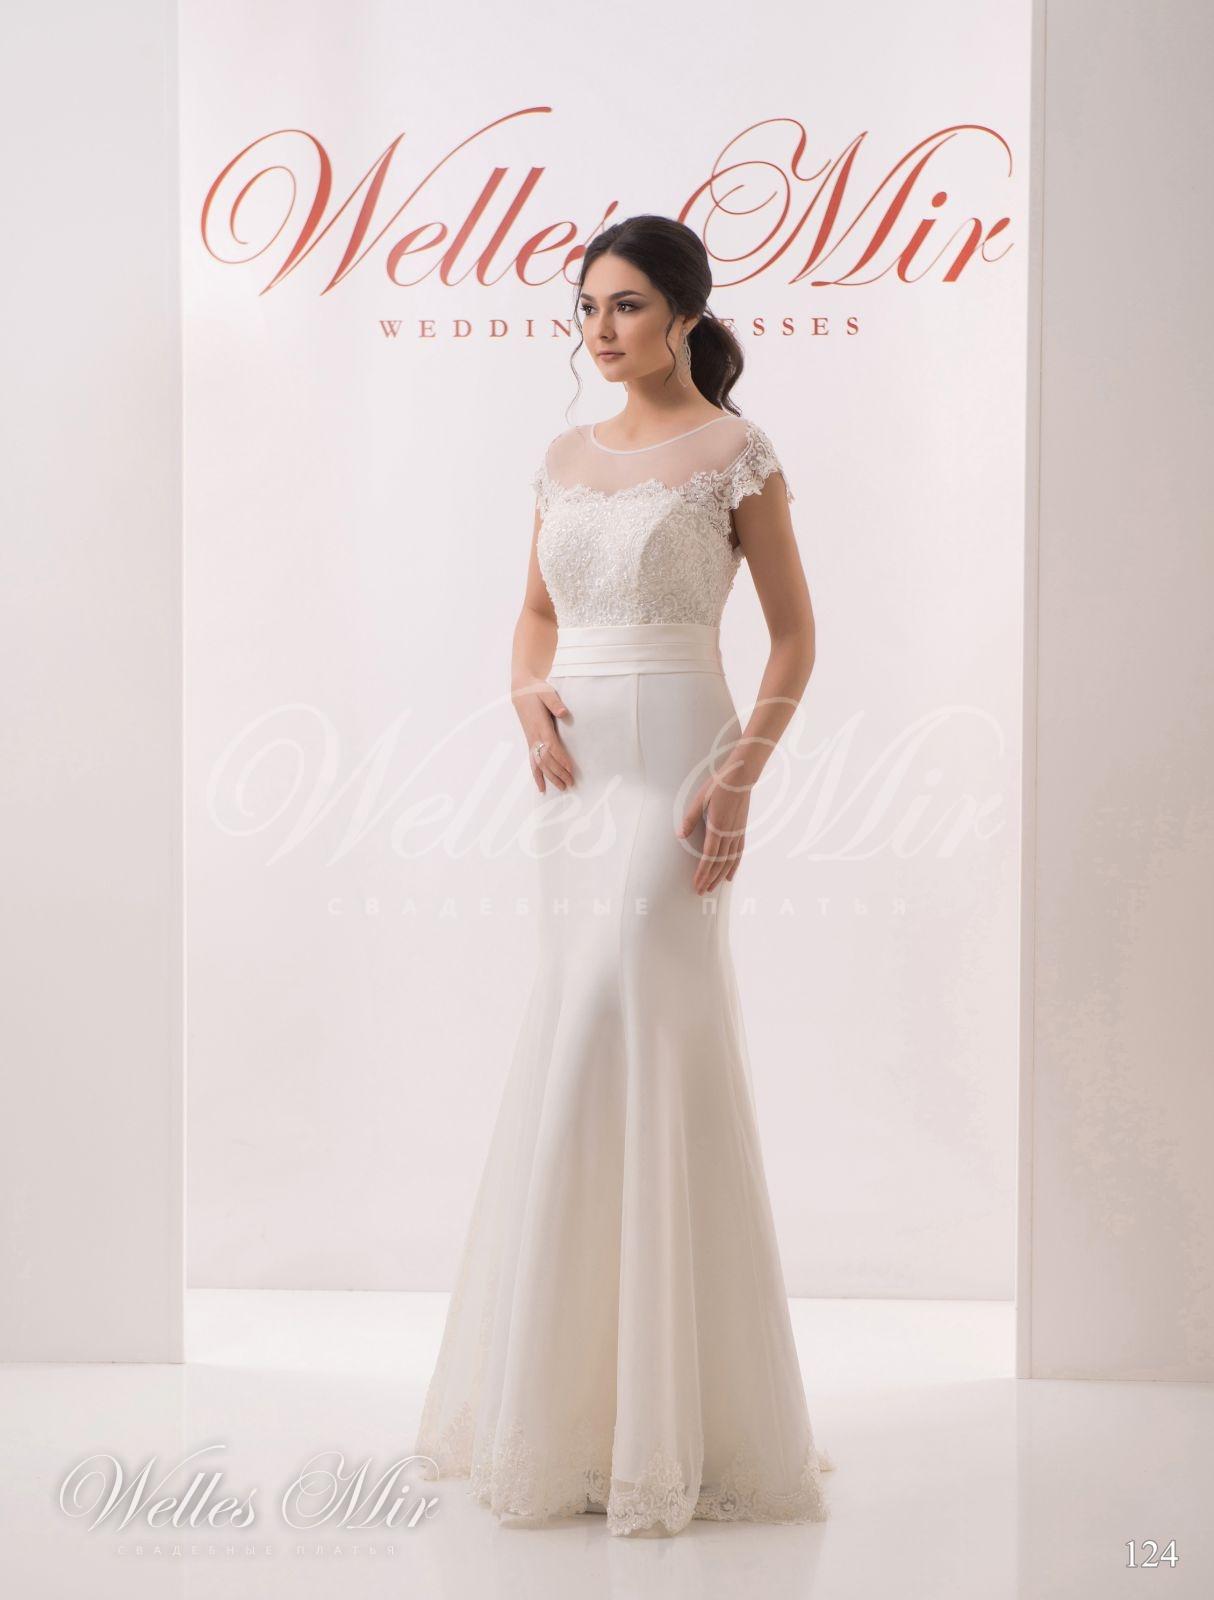 Свадебные платья Soft collection - 124